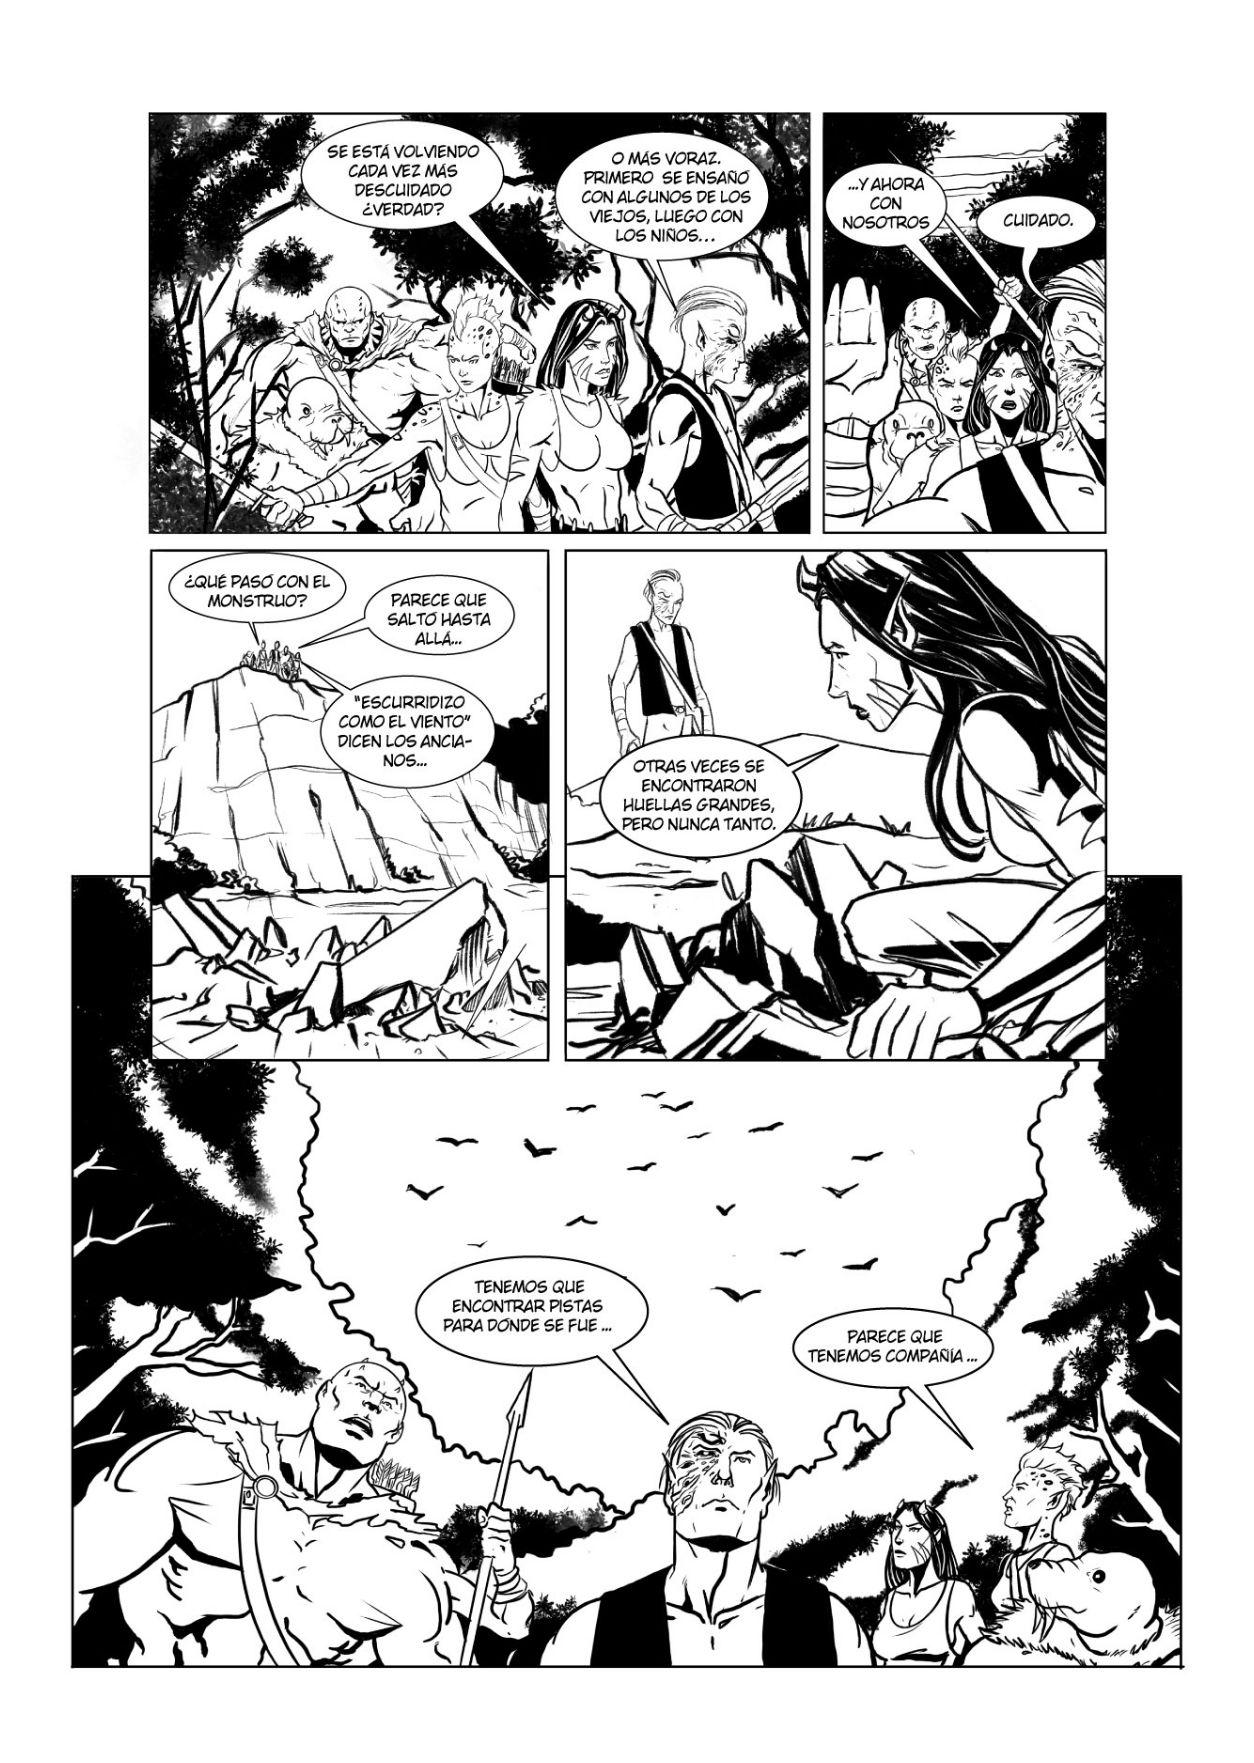 Monstruo-y-otras-historias-30